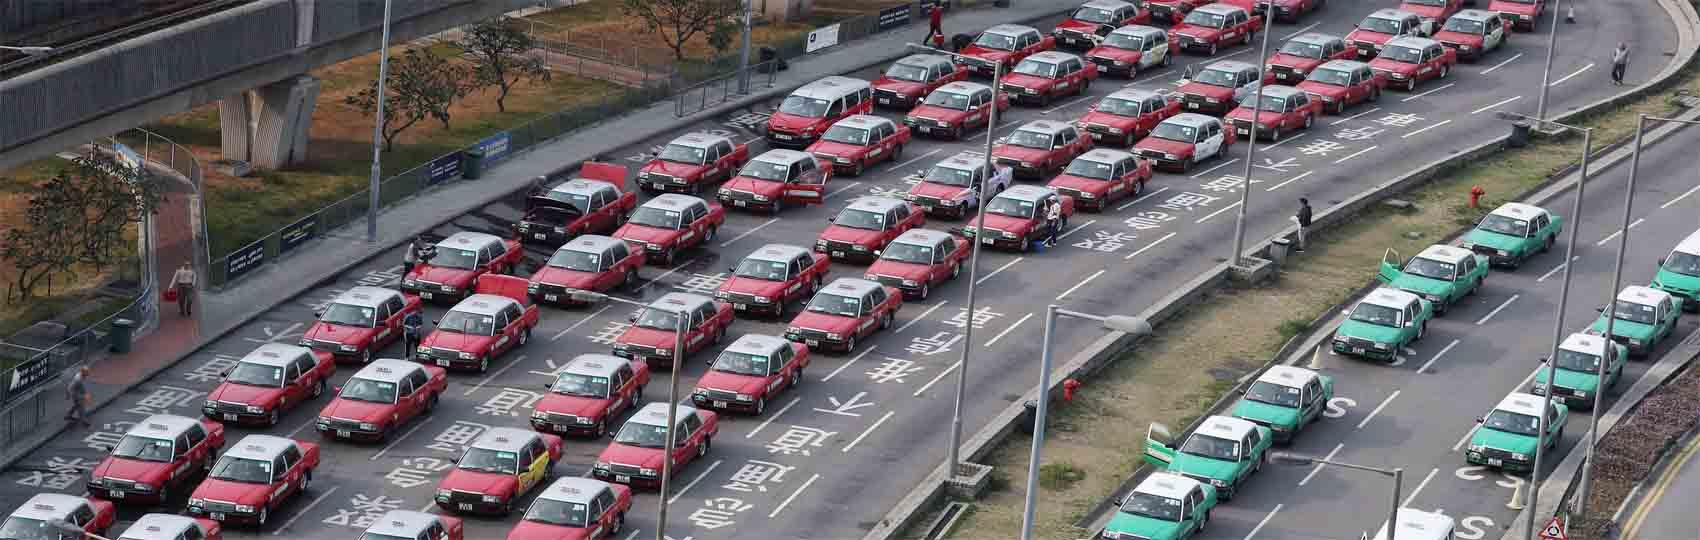 Noticias del sector del taxi y la movilidad en Hong Kong. Mantente informado de todas las noticias del taxi de Hong Kong en el grupo de Facebook de Todo Taxi.